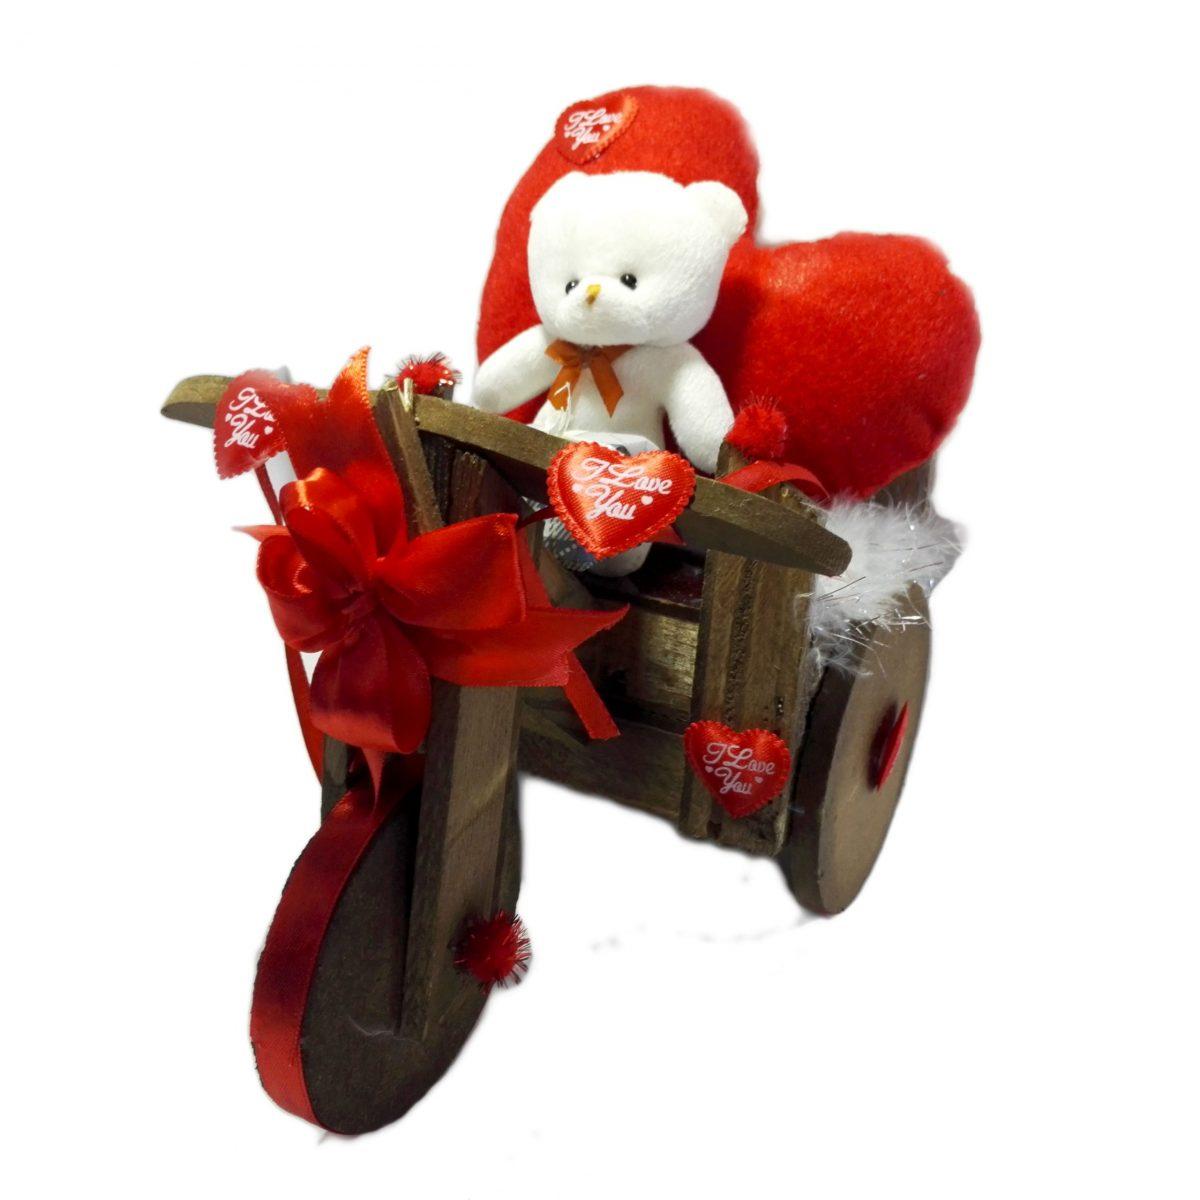 هدیه ولنتاین سه چرخه باخرس عاشق ( خرس وقلب پولیشی )